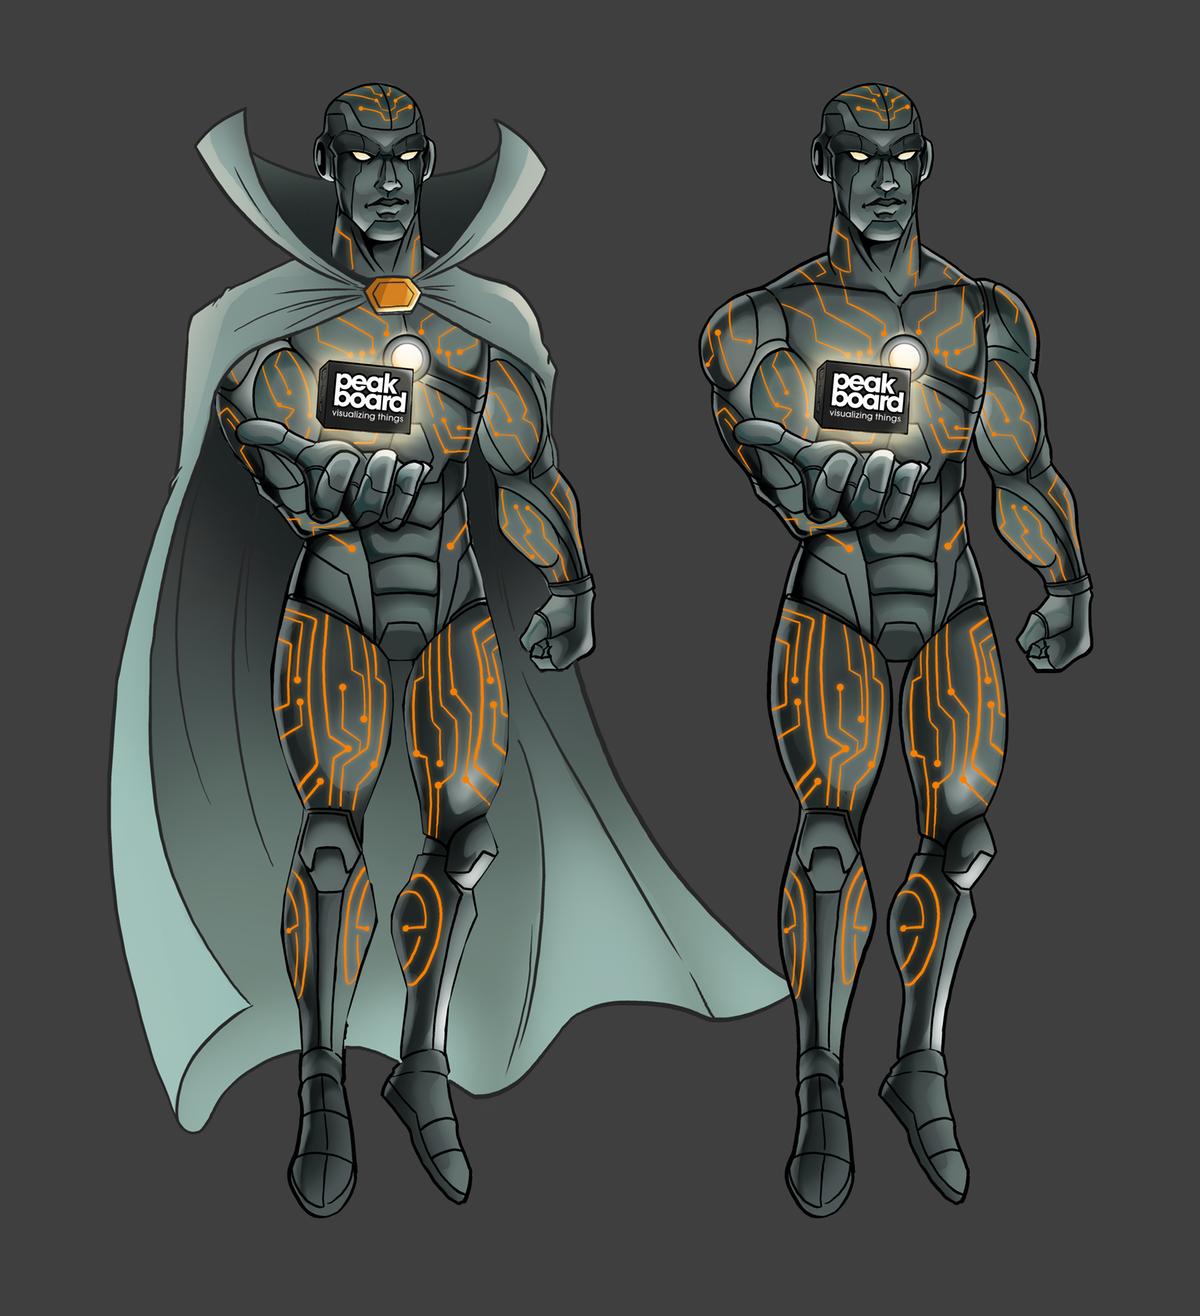 Peakboard Superhero